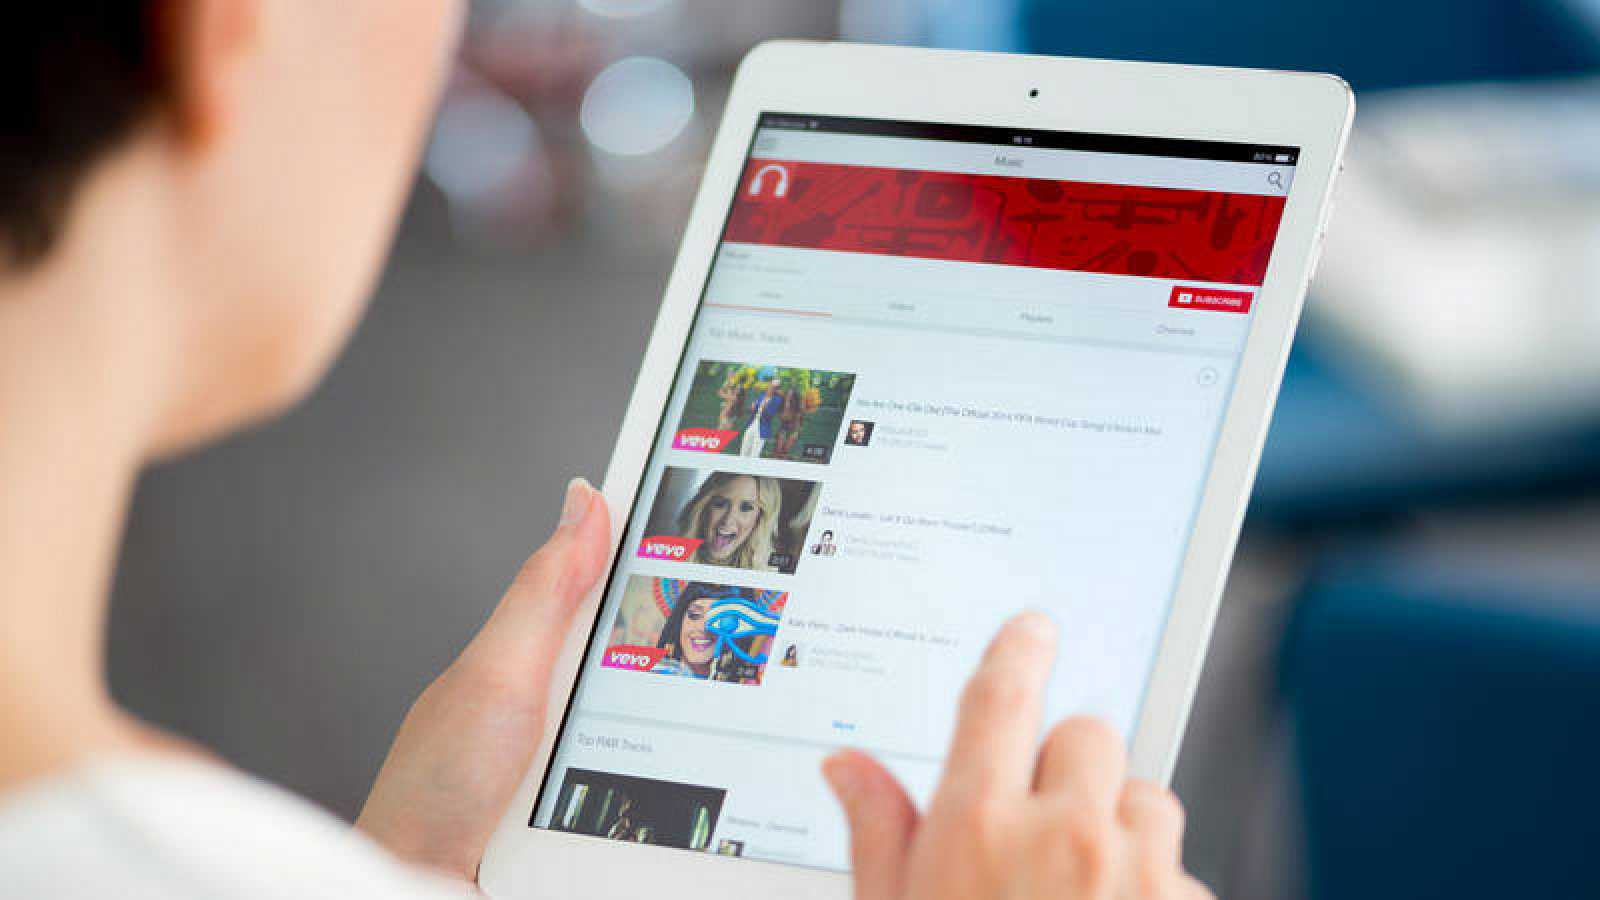 La directiva europea pretende obligar a los gigantes de internet y a los agregadores de noticias a pagar a los creadores de contenidos.